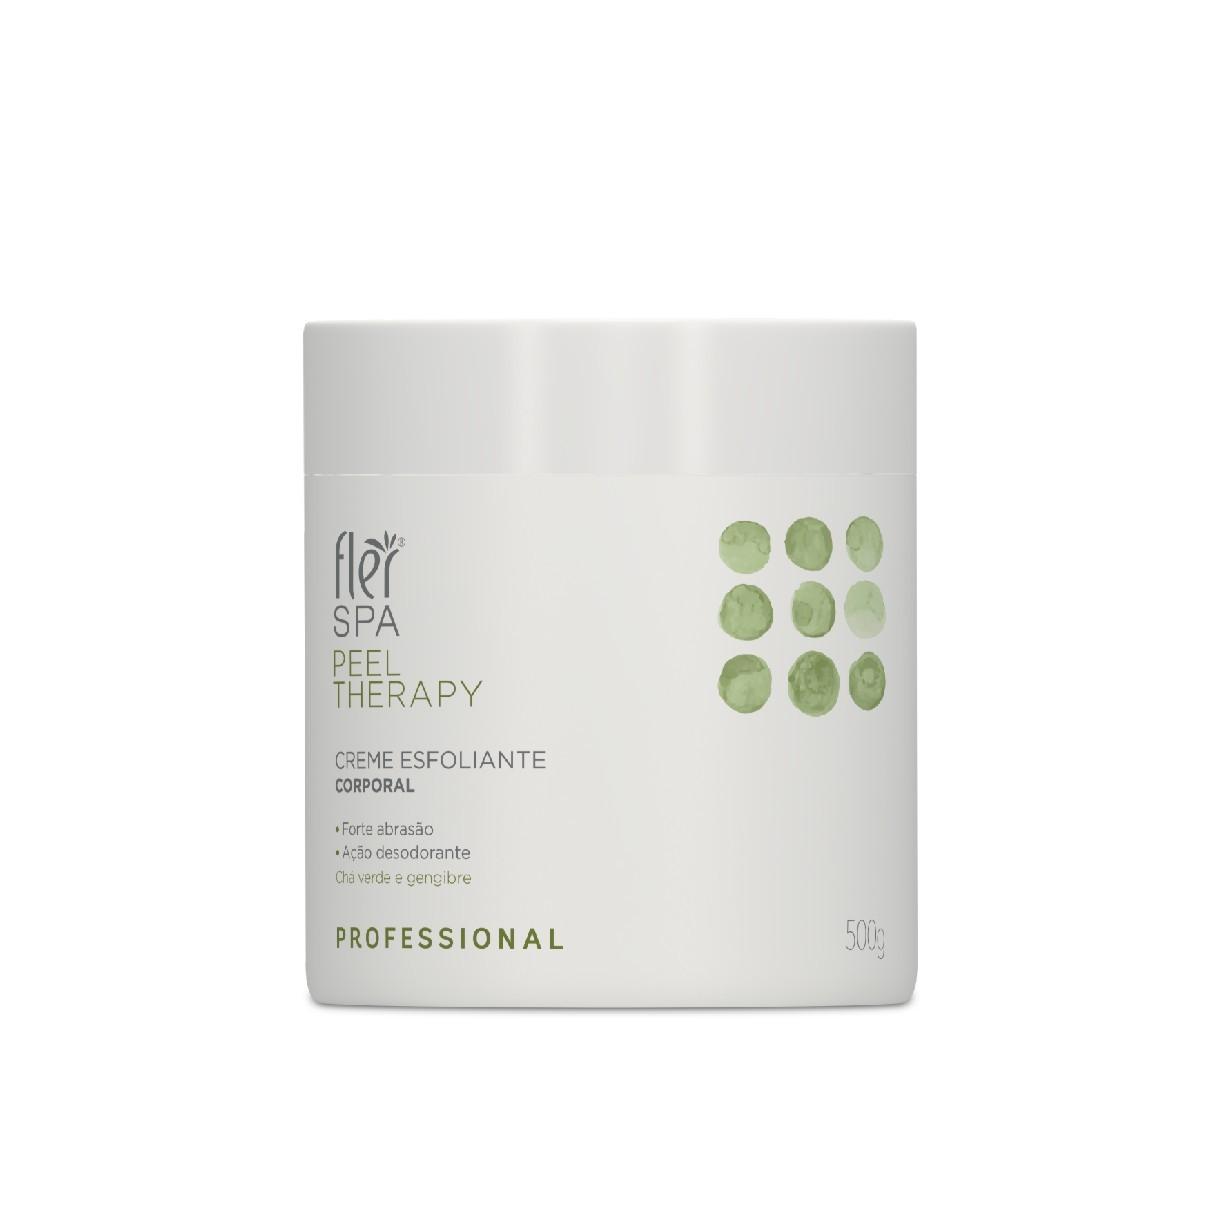 Spa Peel Therapy Creme Esfoliante Corporal 500g - Fler